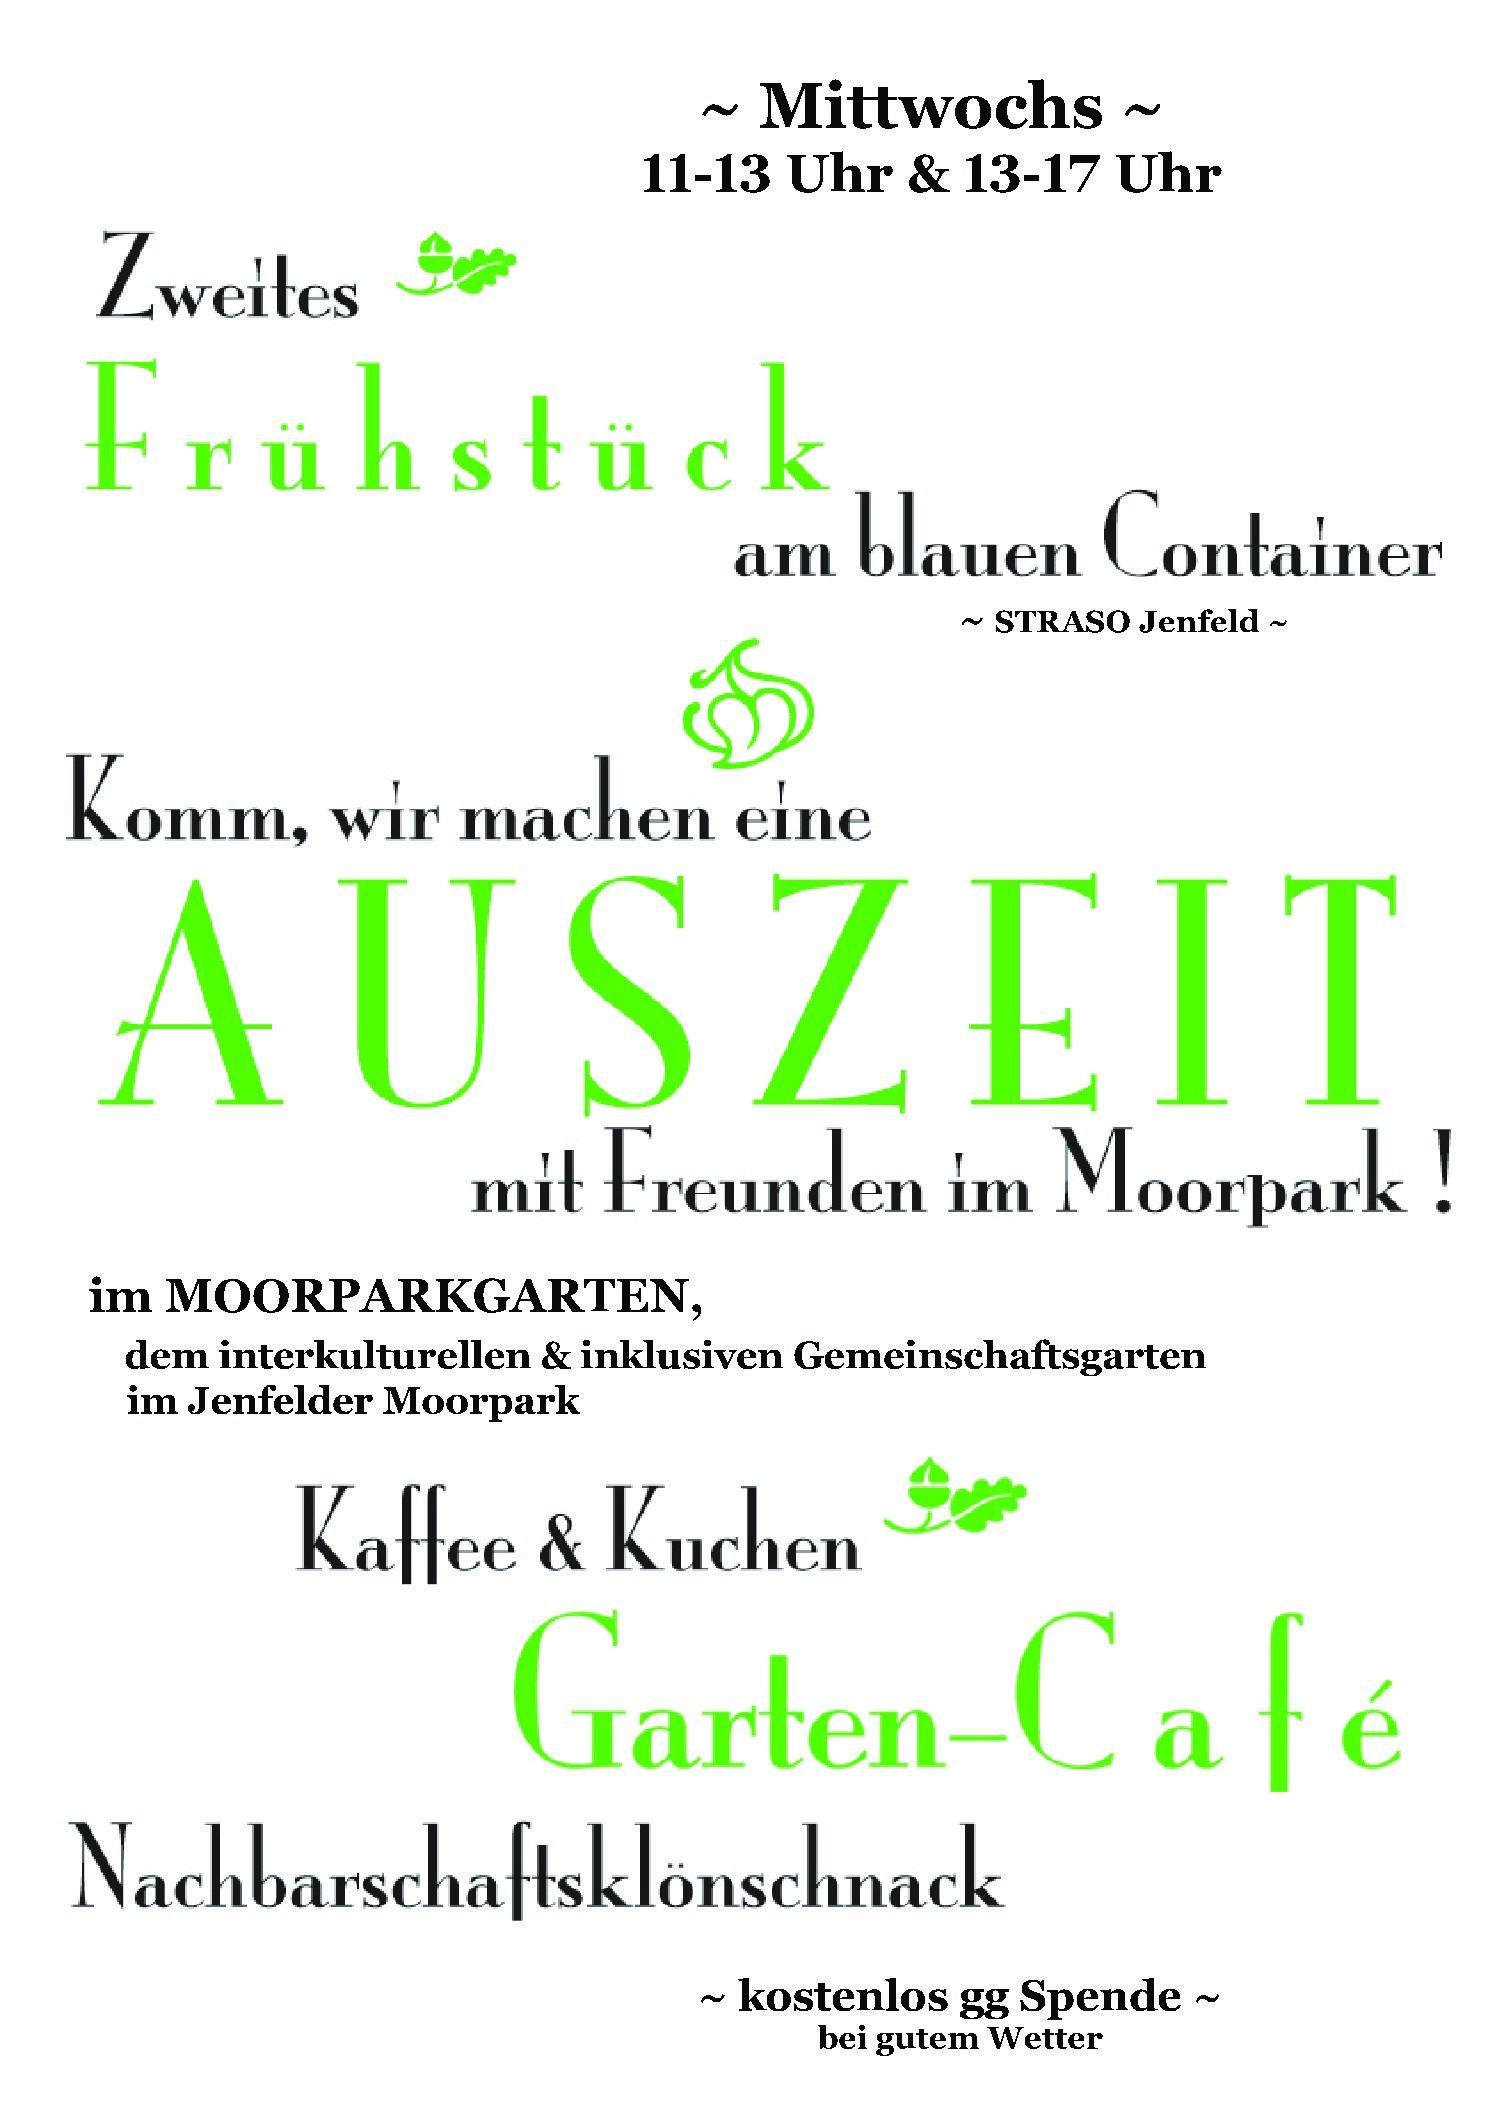 Mittwochs-AUSZEIT im Jenf. Moorpark mit Frühstück & Garten-Café